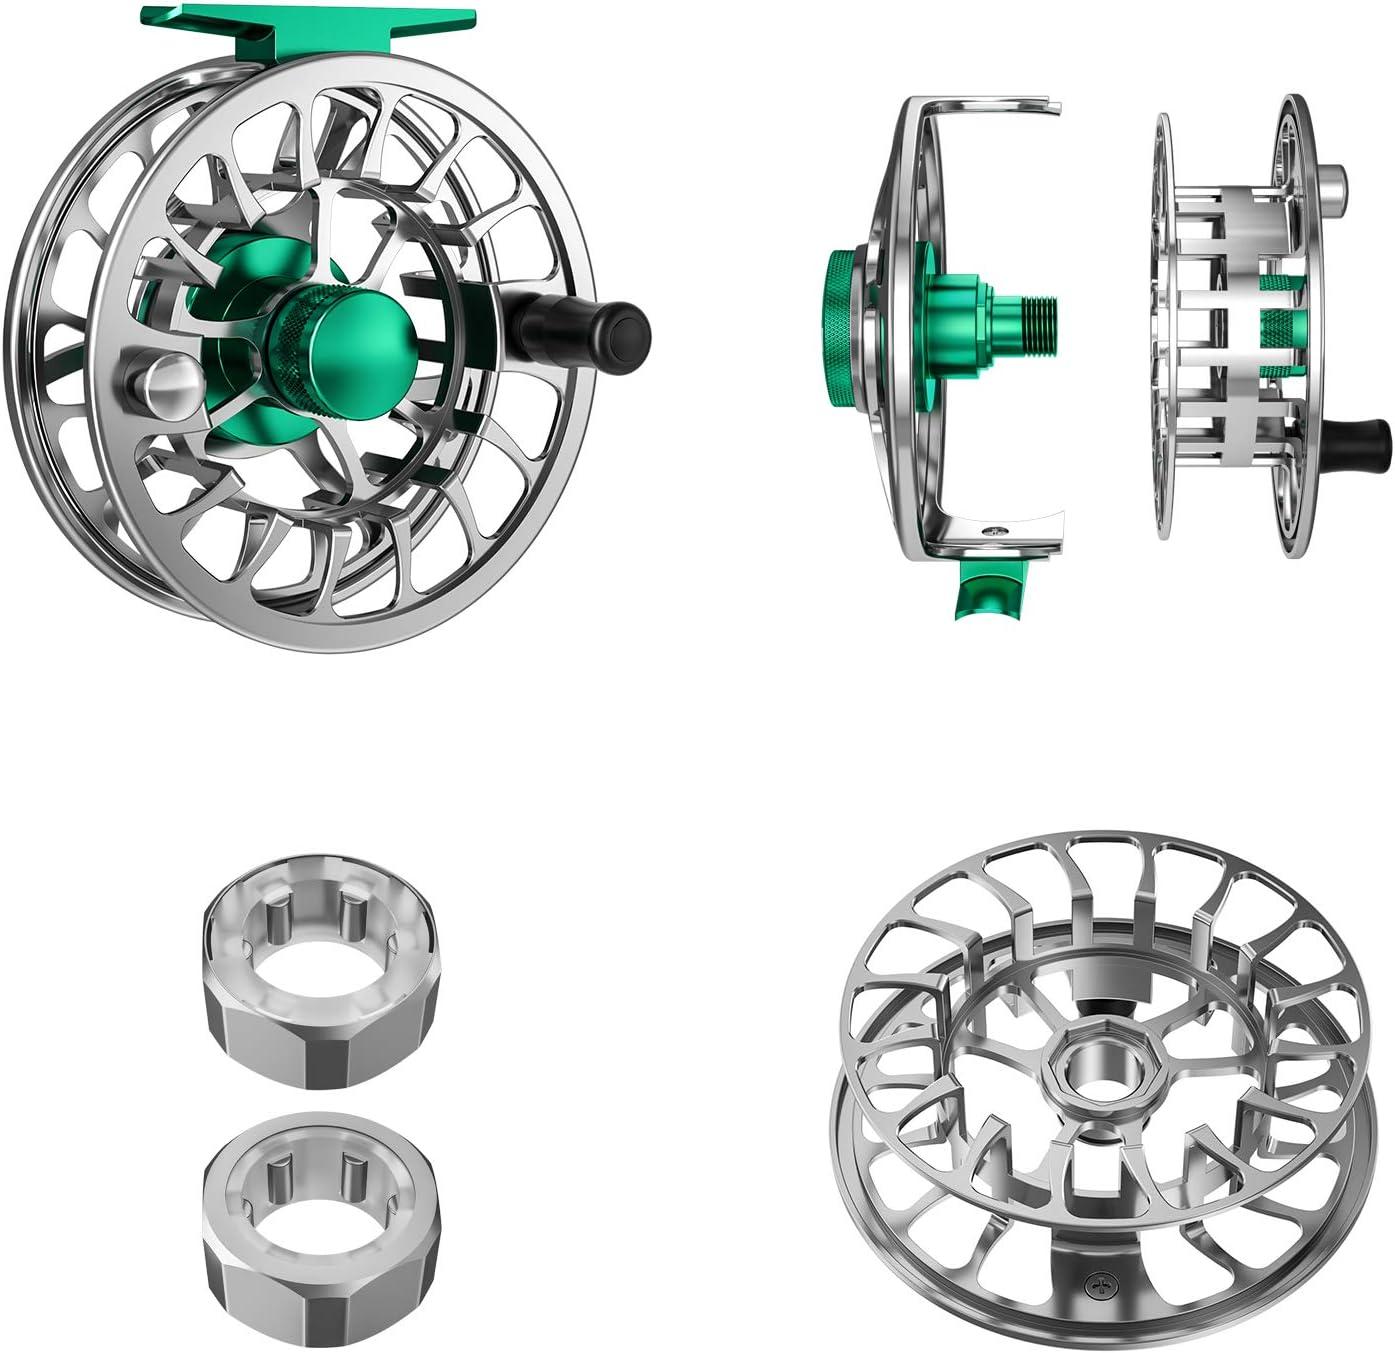 Magreel Carrete de Pesca con Mosca con Cuerpo de Aleaci/ón de Aluminio Mecanizado CNC 5//6 7//9 Pesos 3//4